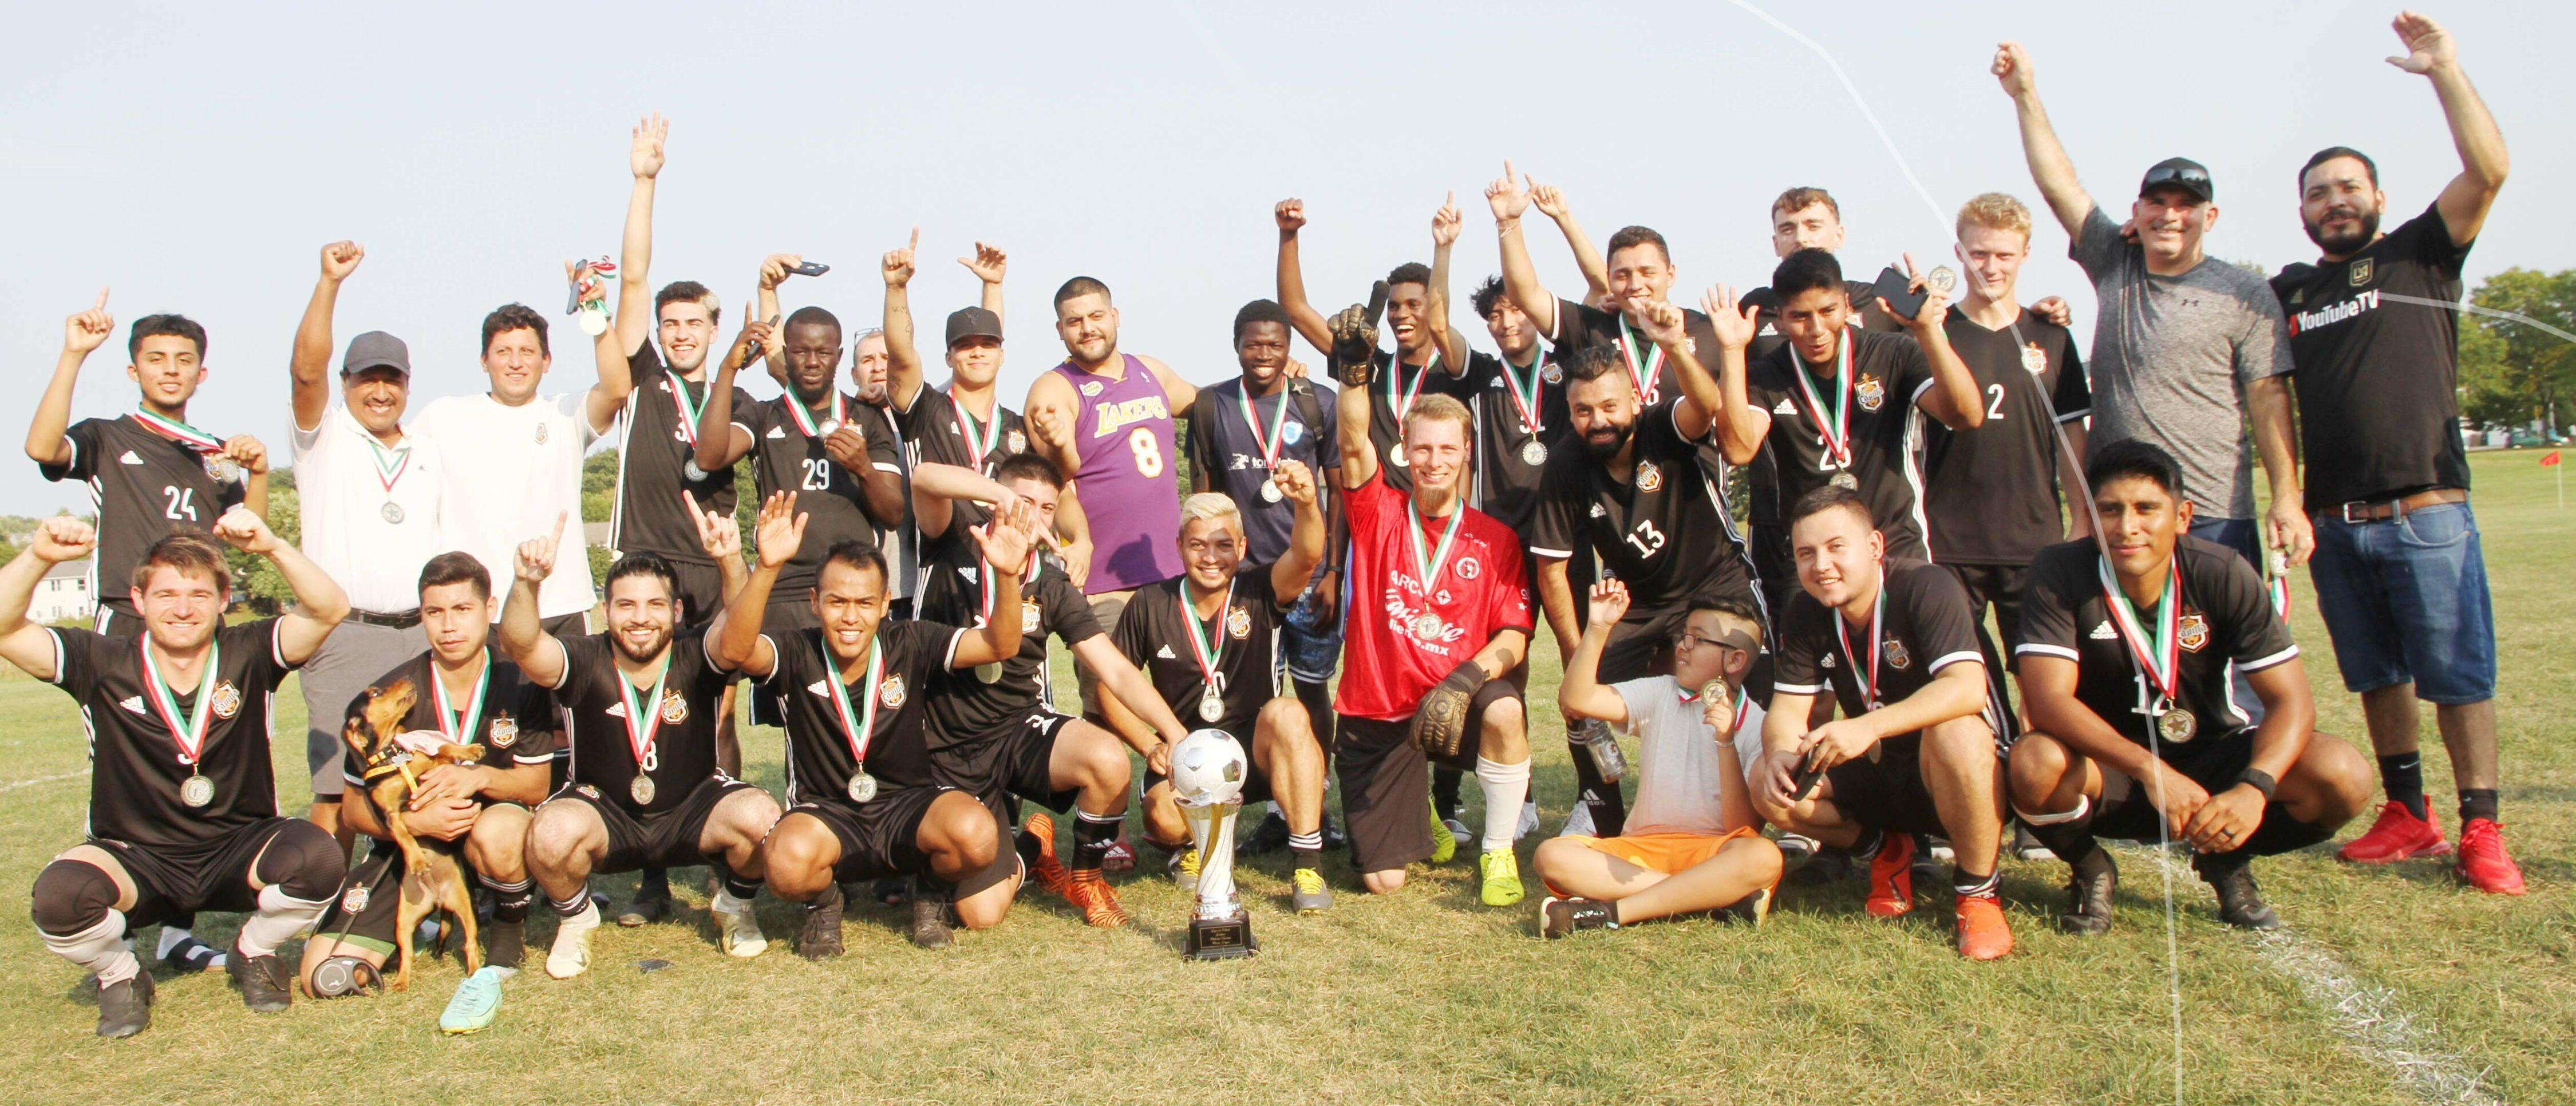 !La Capilla, Campeón! de la primera división de la Liga de Latinos y Latinas